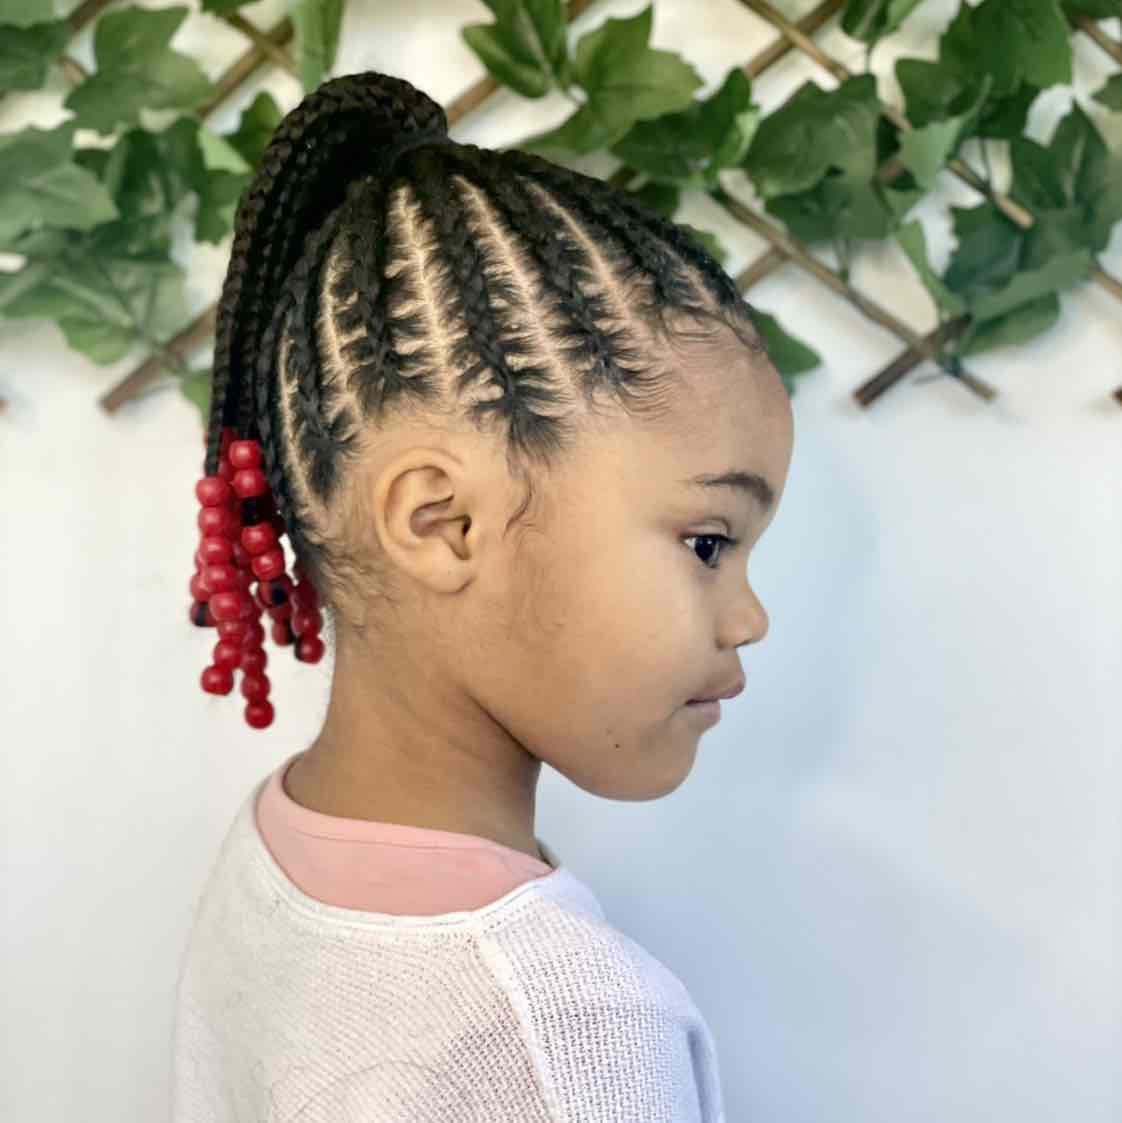 salon de coiffure afro tresse tresses box braids crochet braids vanilles tissages paris 75 77 78 91 92 93 94 95 UIXBAQAK